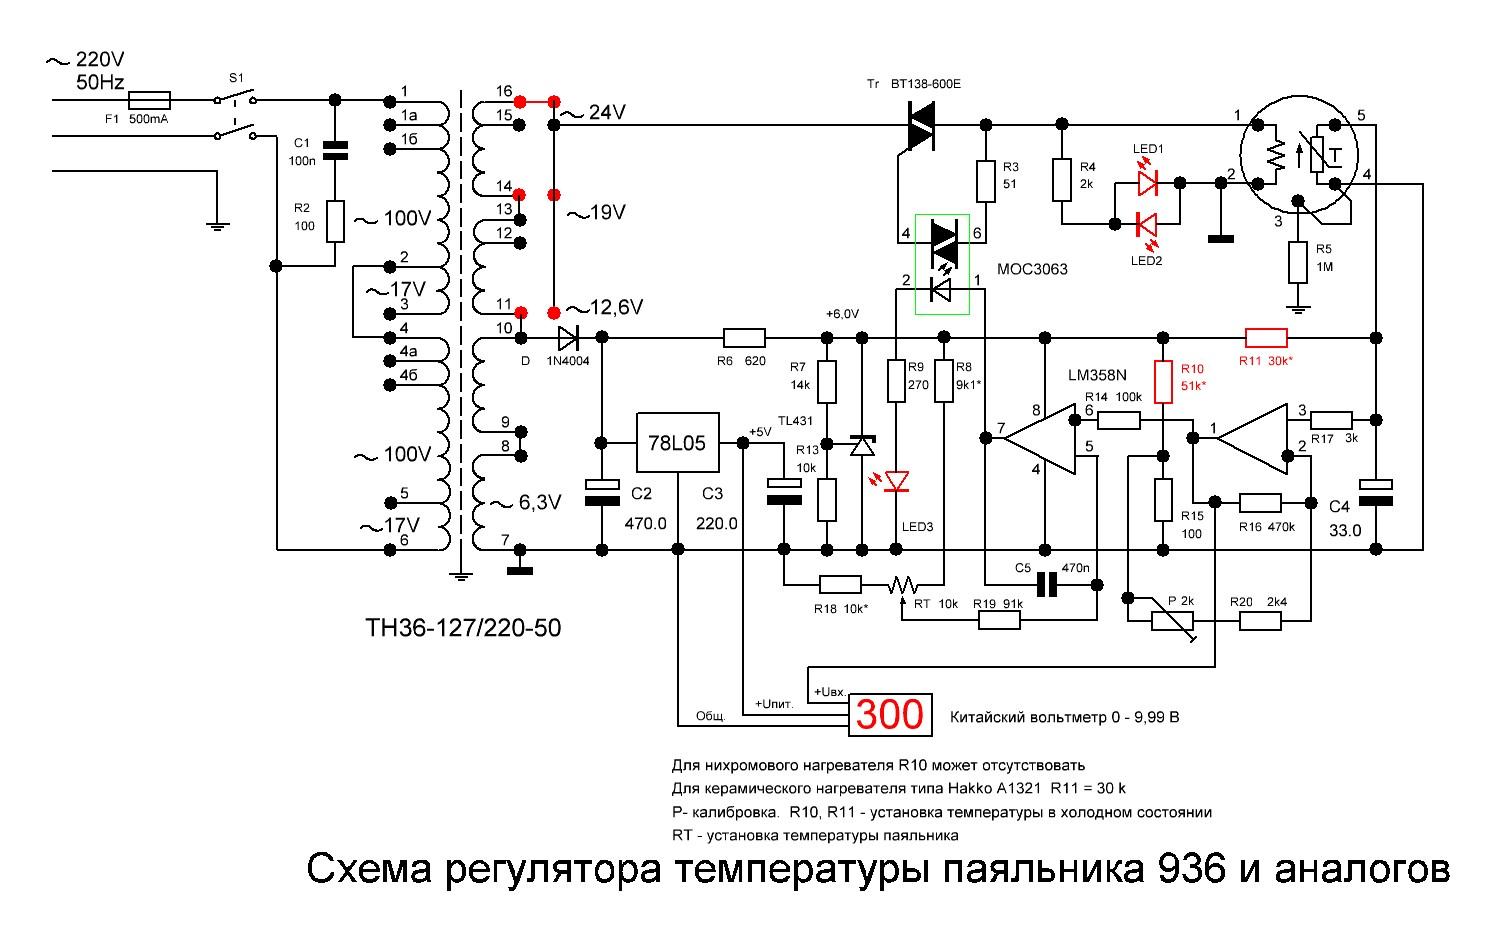 Регулятор температуры фена